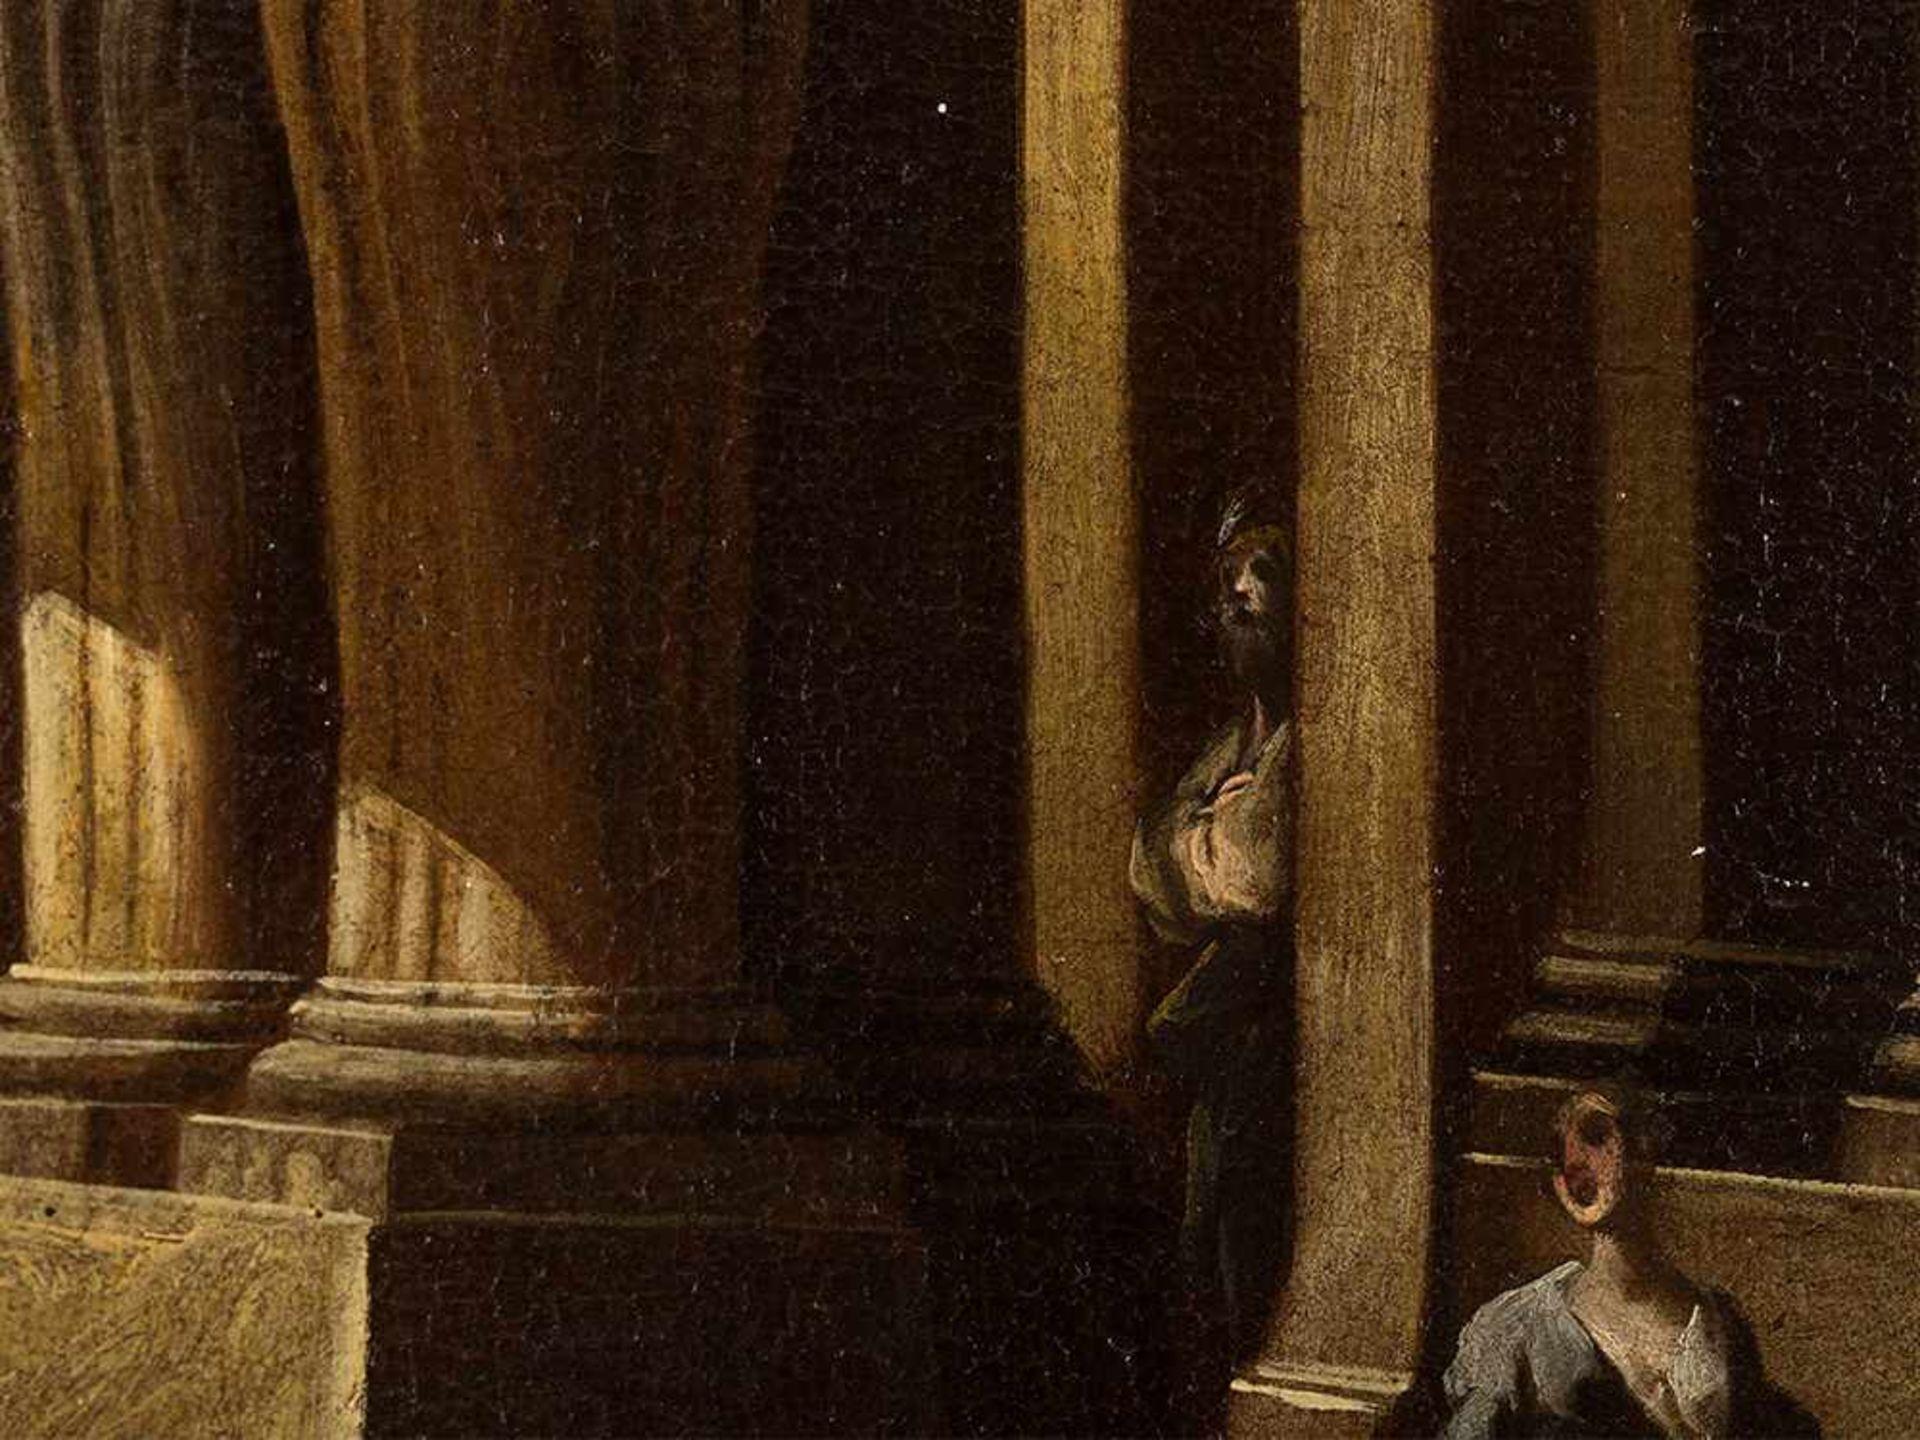 Los 67 - Italienische Schule, Architekturcapriccio, Öl, 17. Jahrhundert Öl auf Leinwand, doubliert. italien,